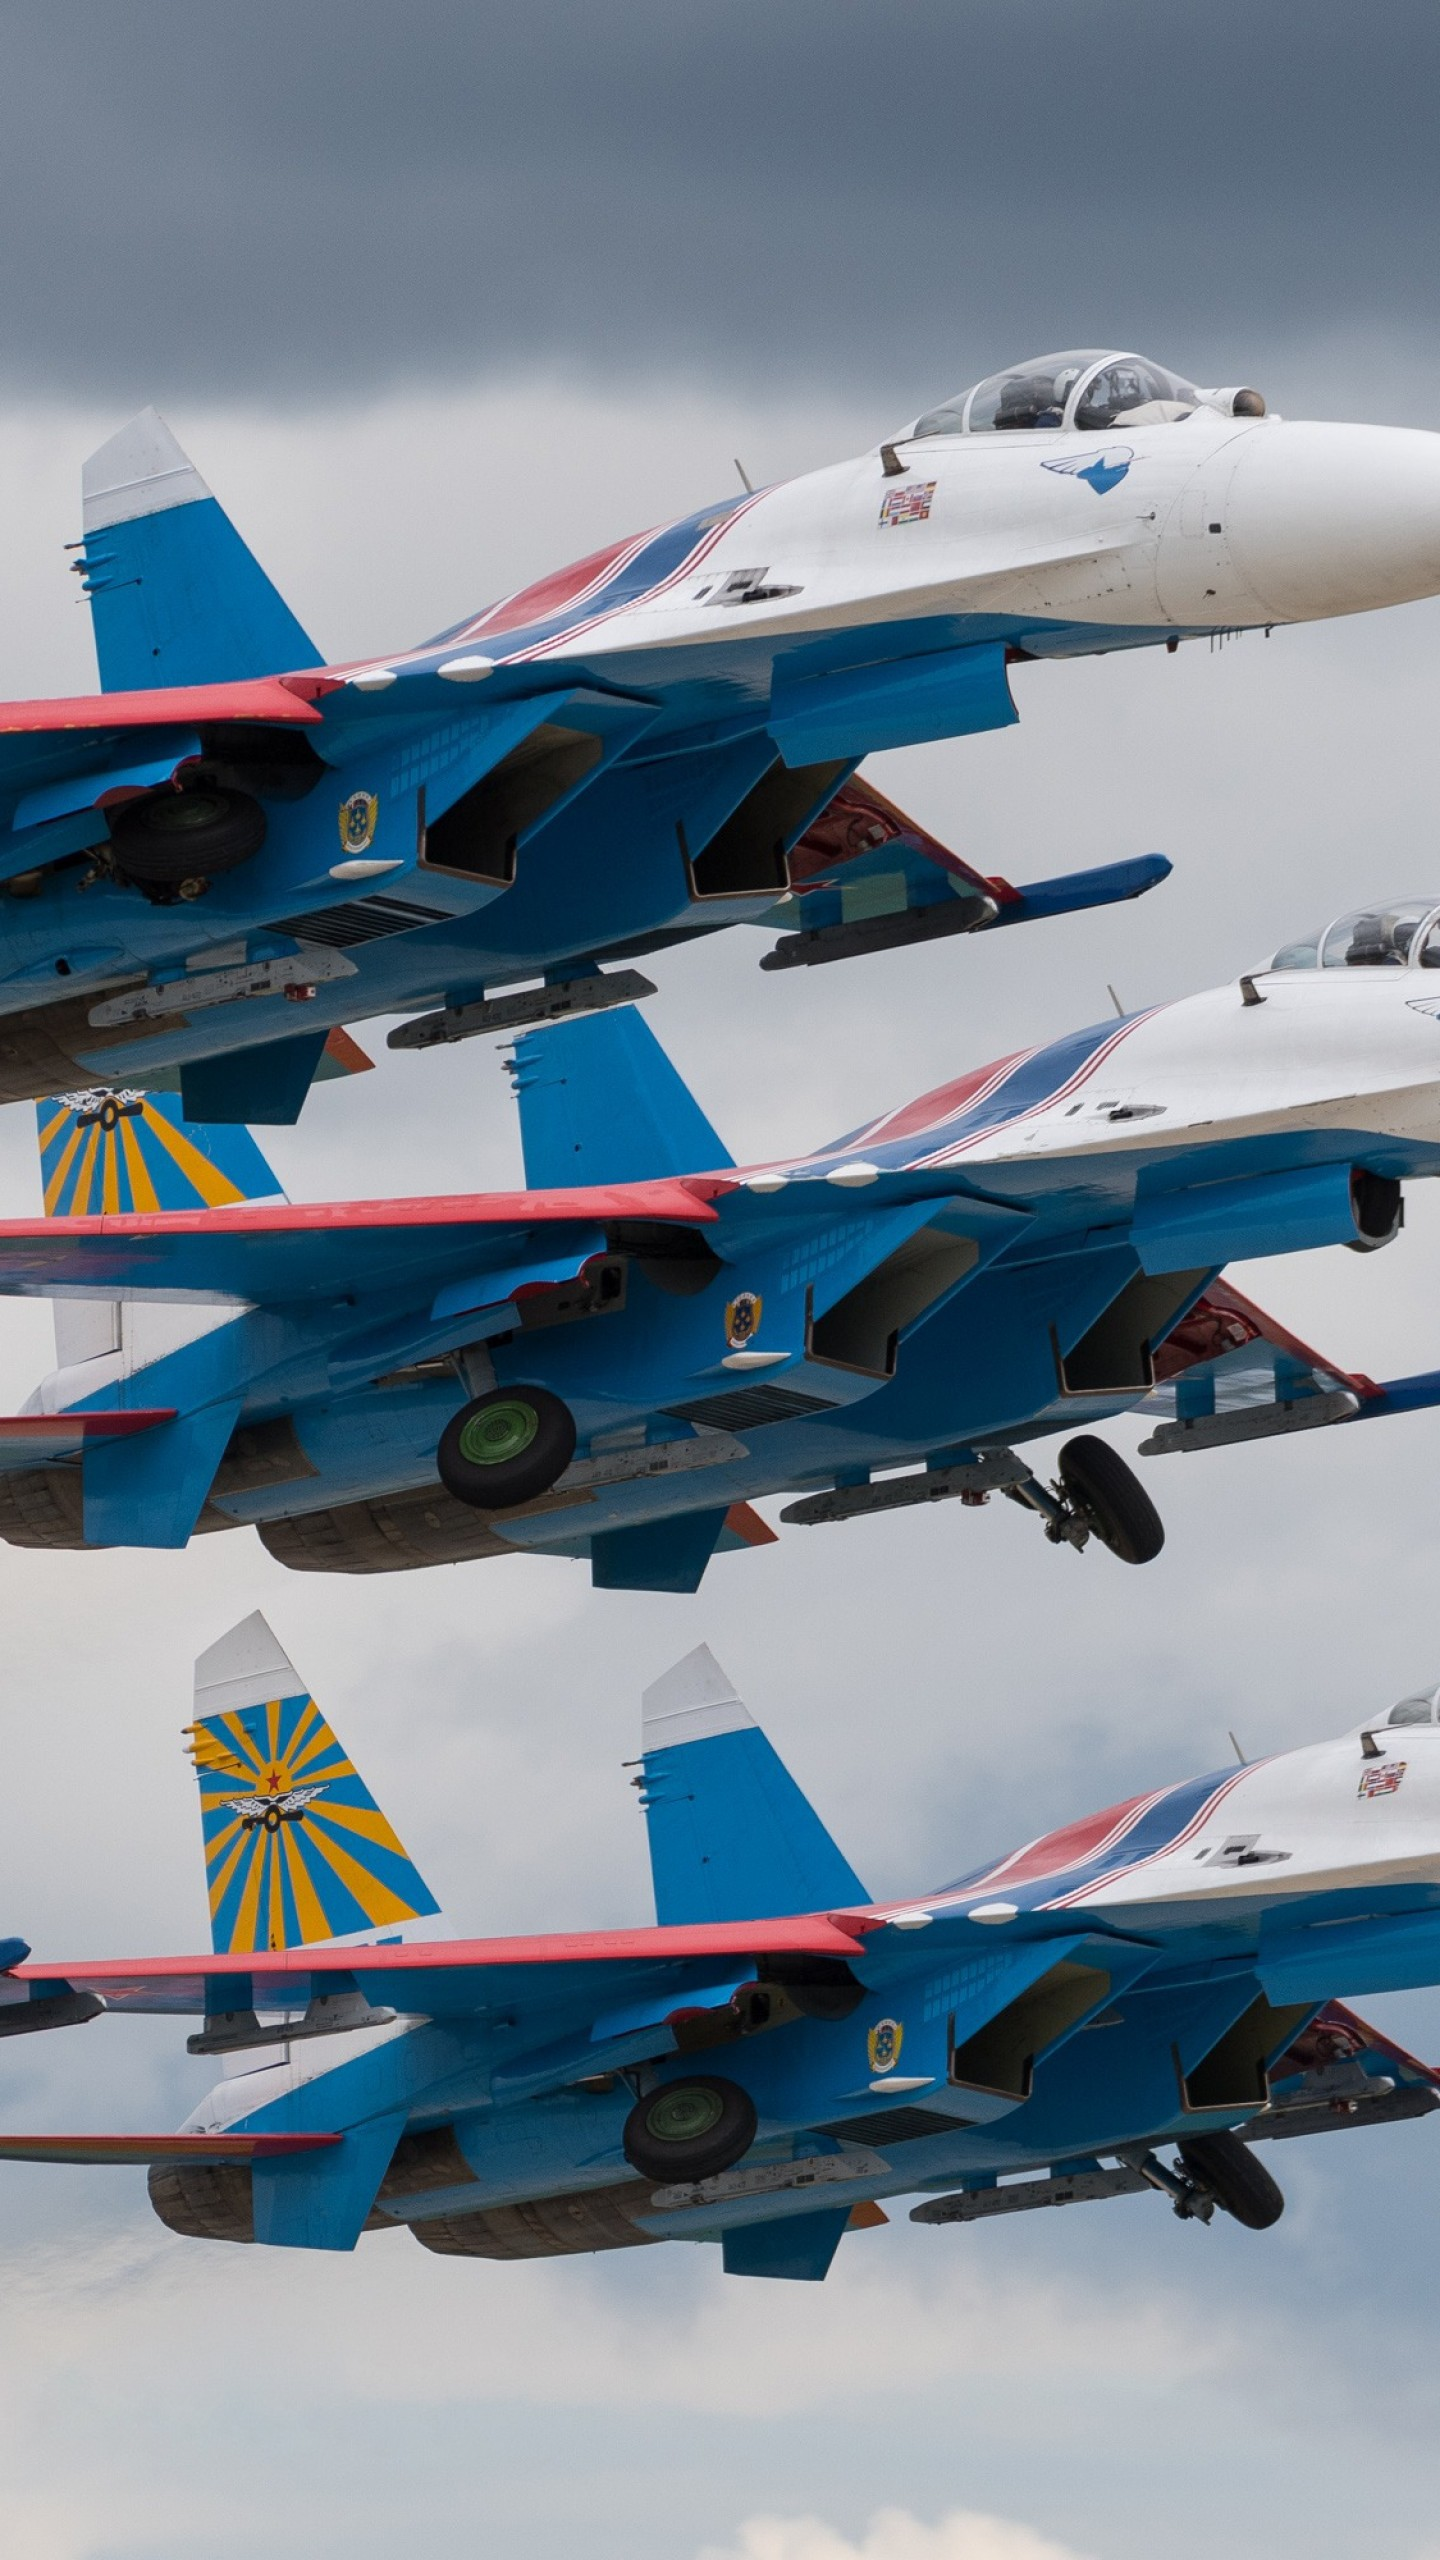 عکس زمینه هواپیمای نظامیجنگنده سوخو نیروی هوایی روسیه پس زمینه